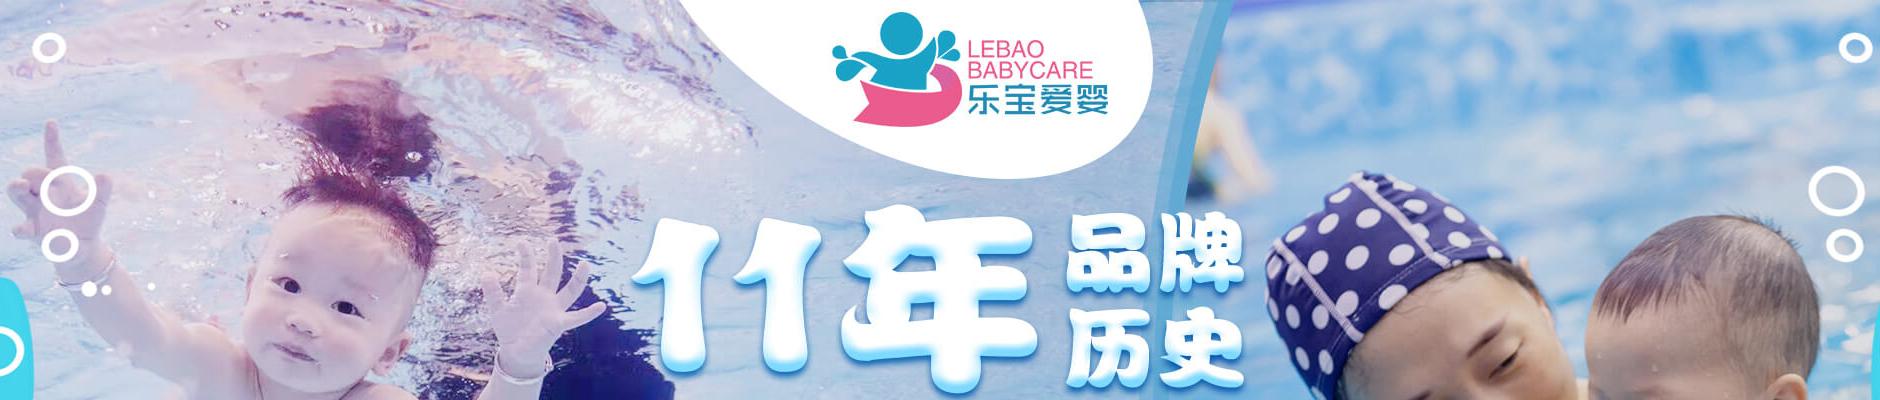 乐宝爱婴婴儿游泳馆lb_01